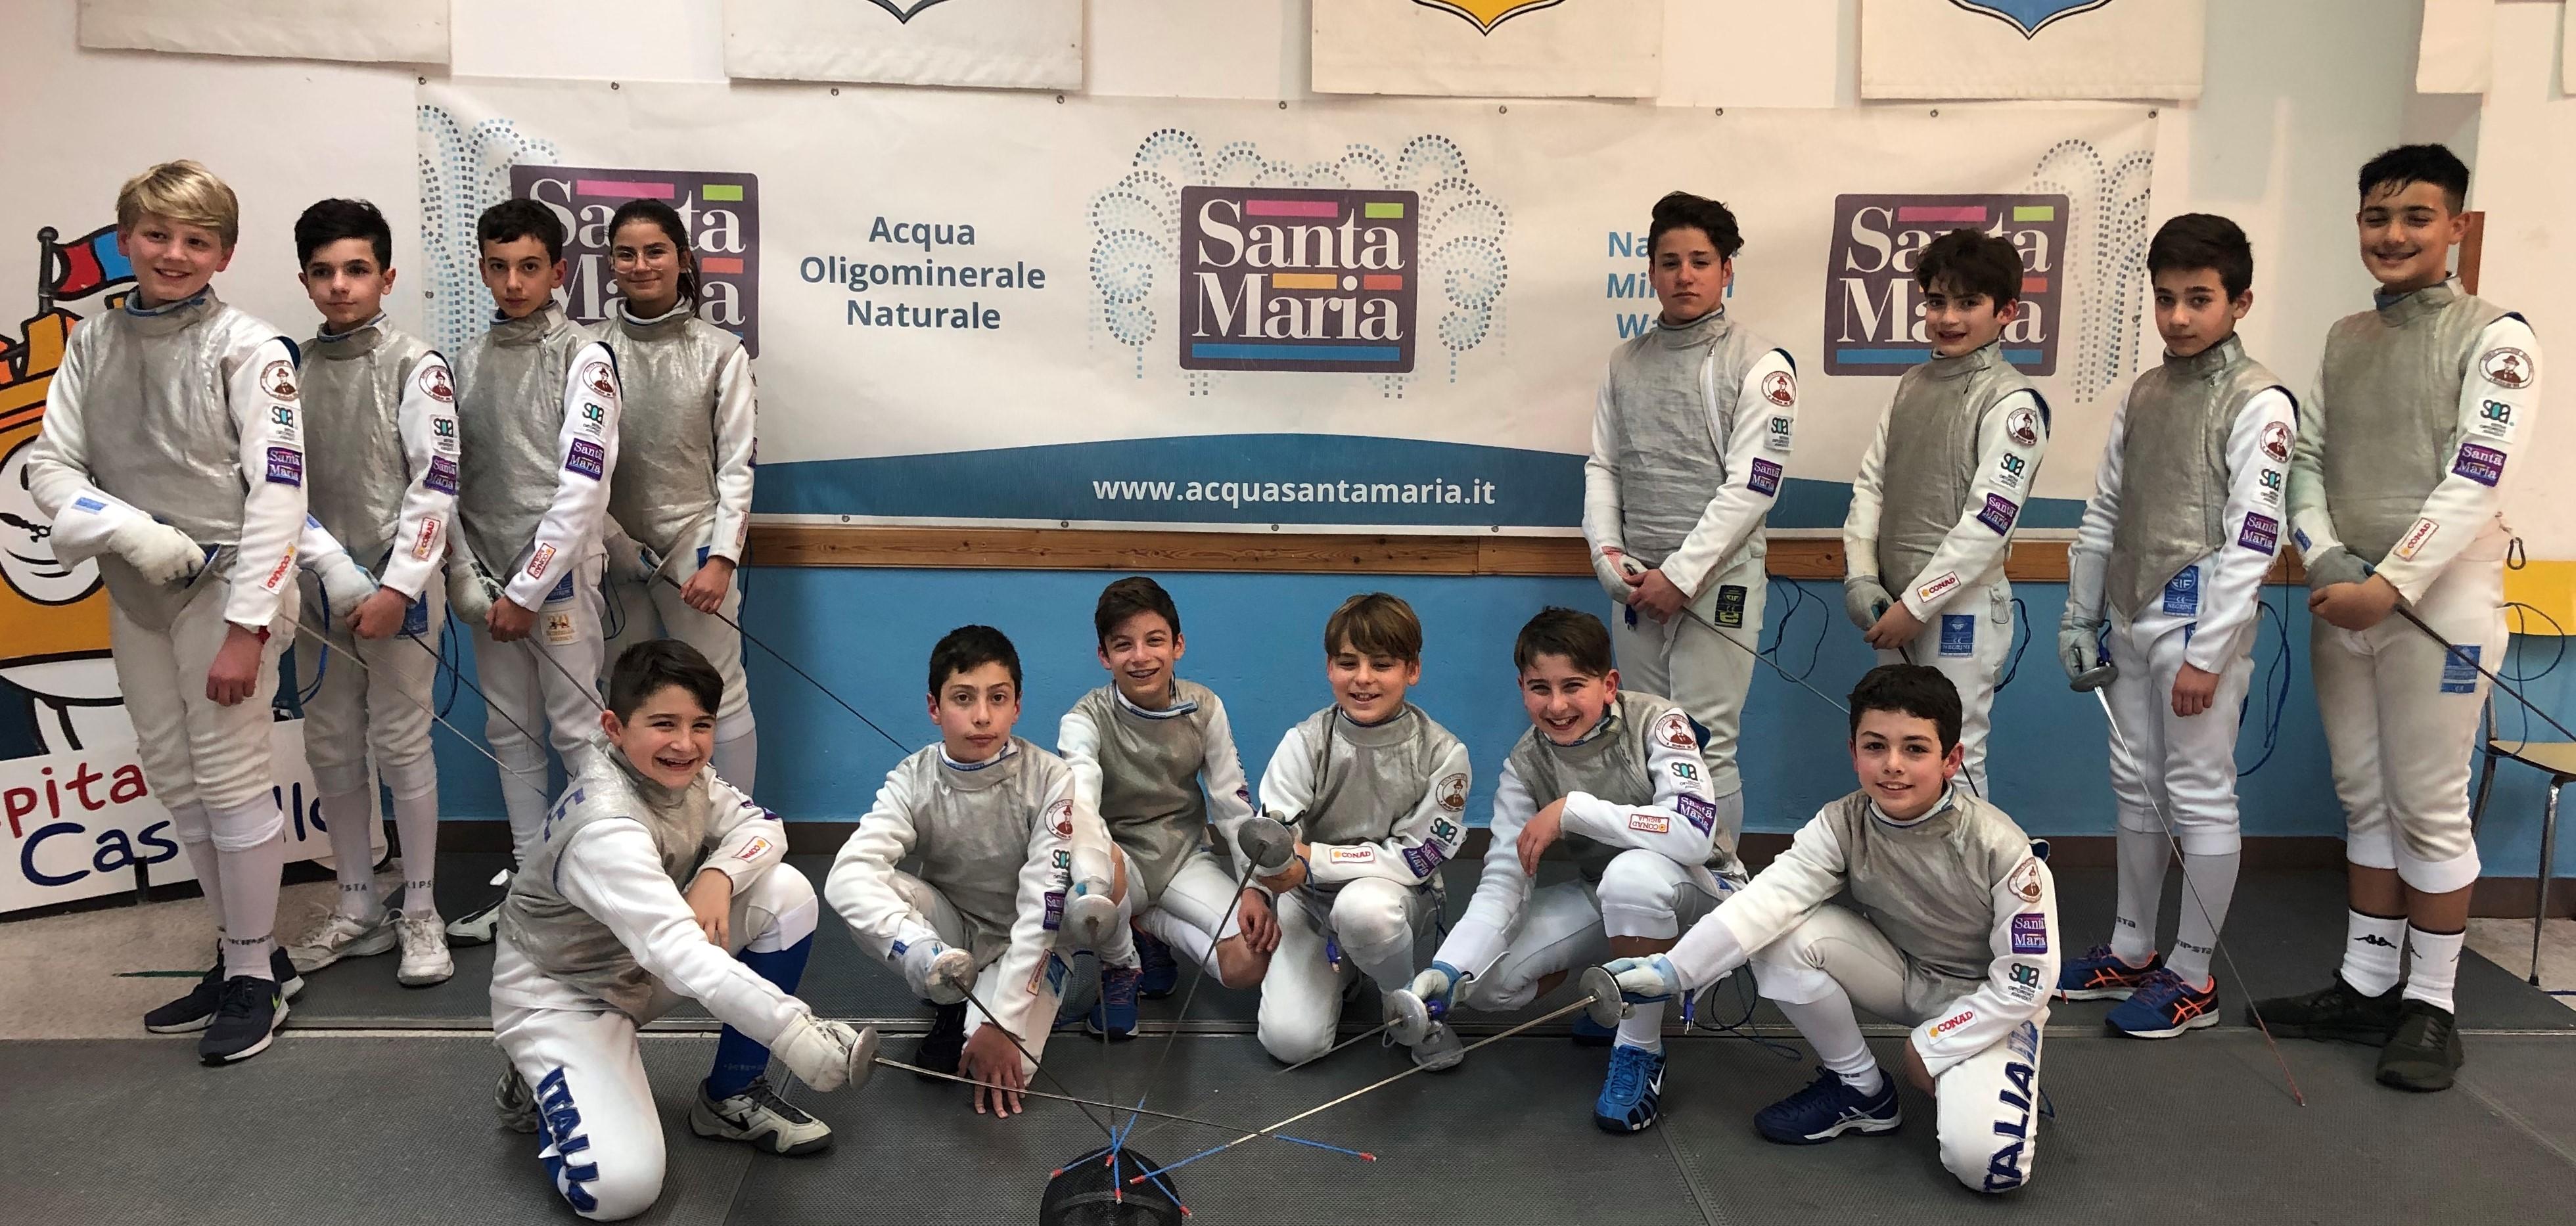 Scherma, la Conad Modica impegnata nel Gran Prix nazionale Under 14 a La Spezia